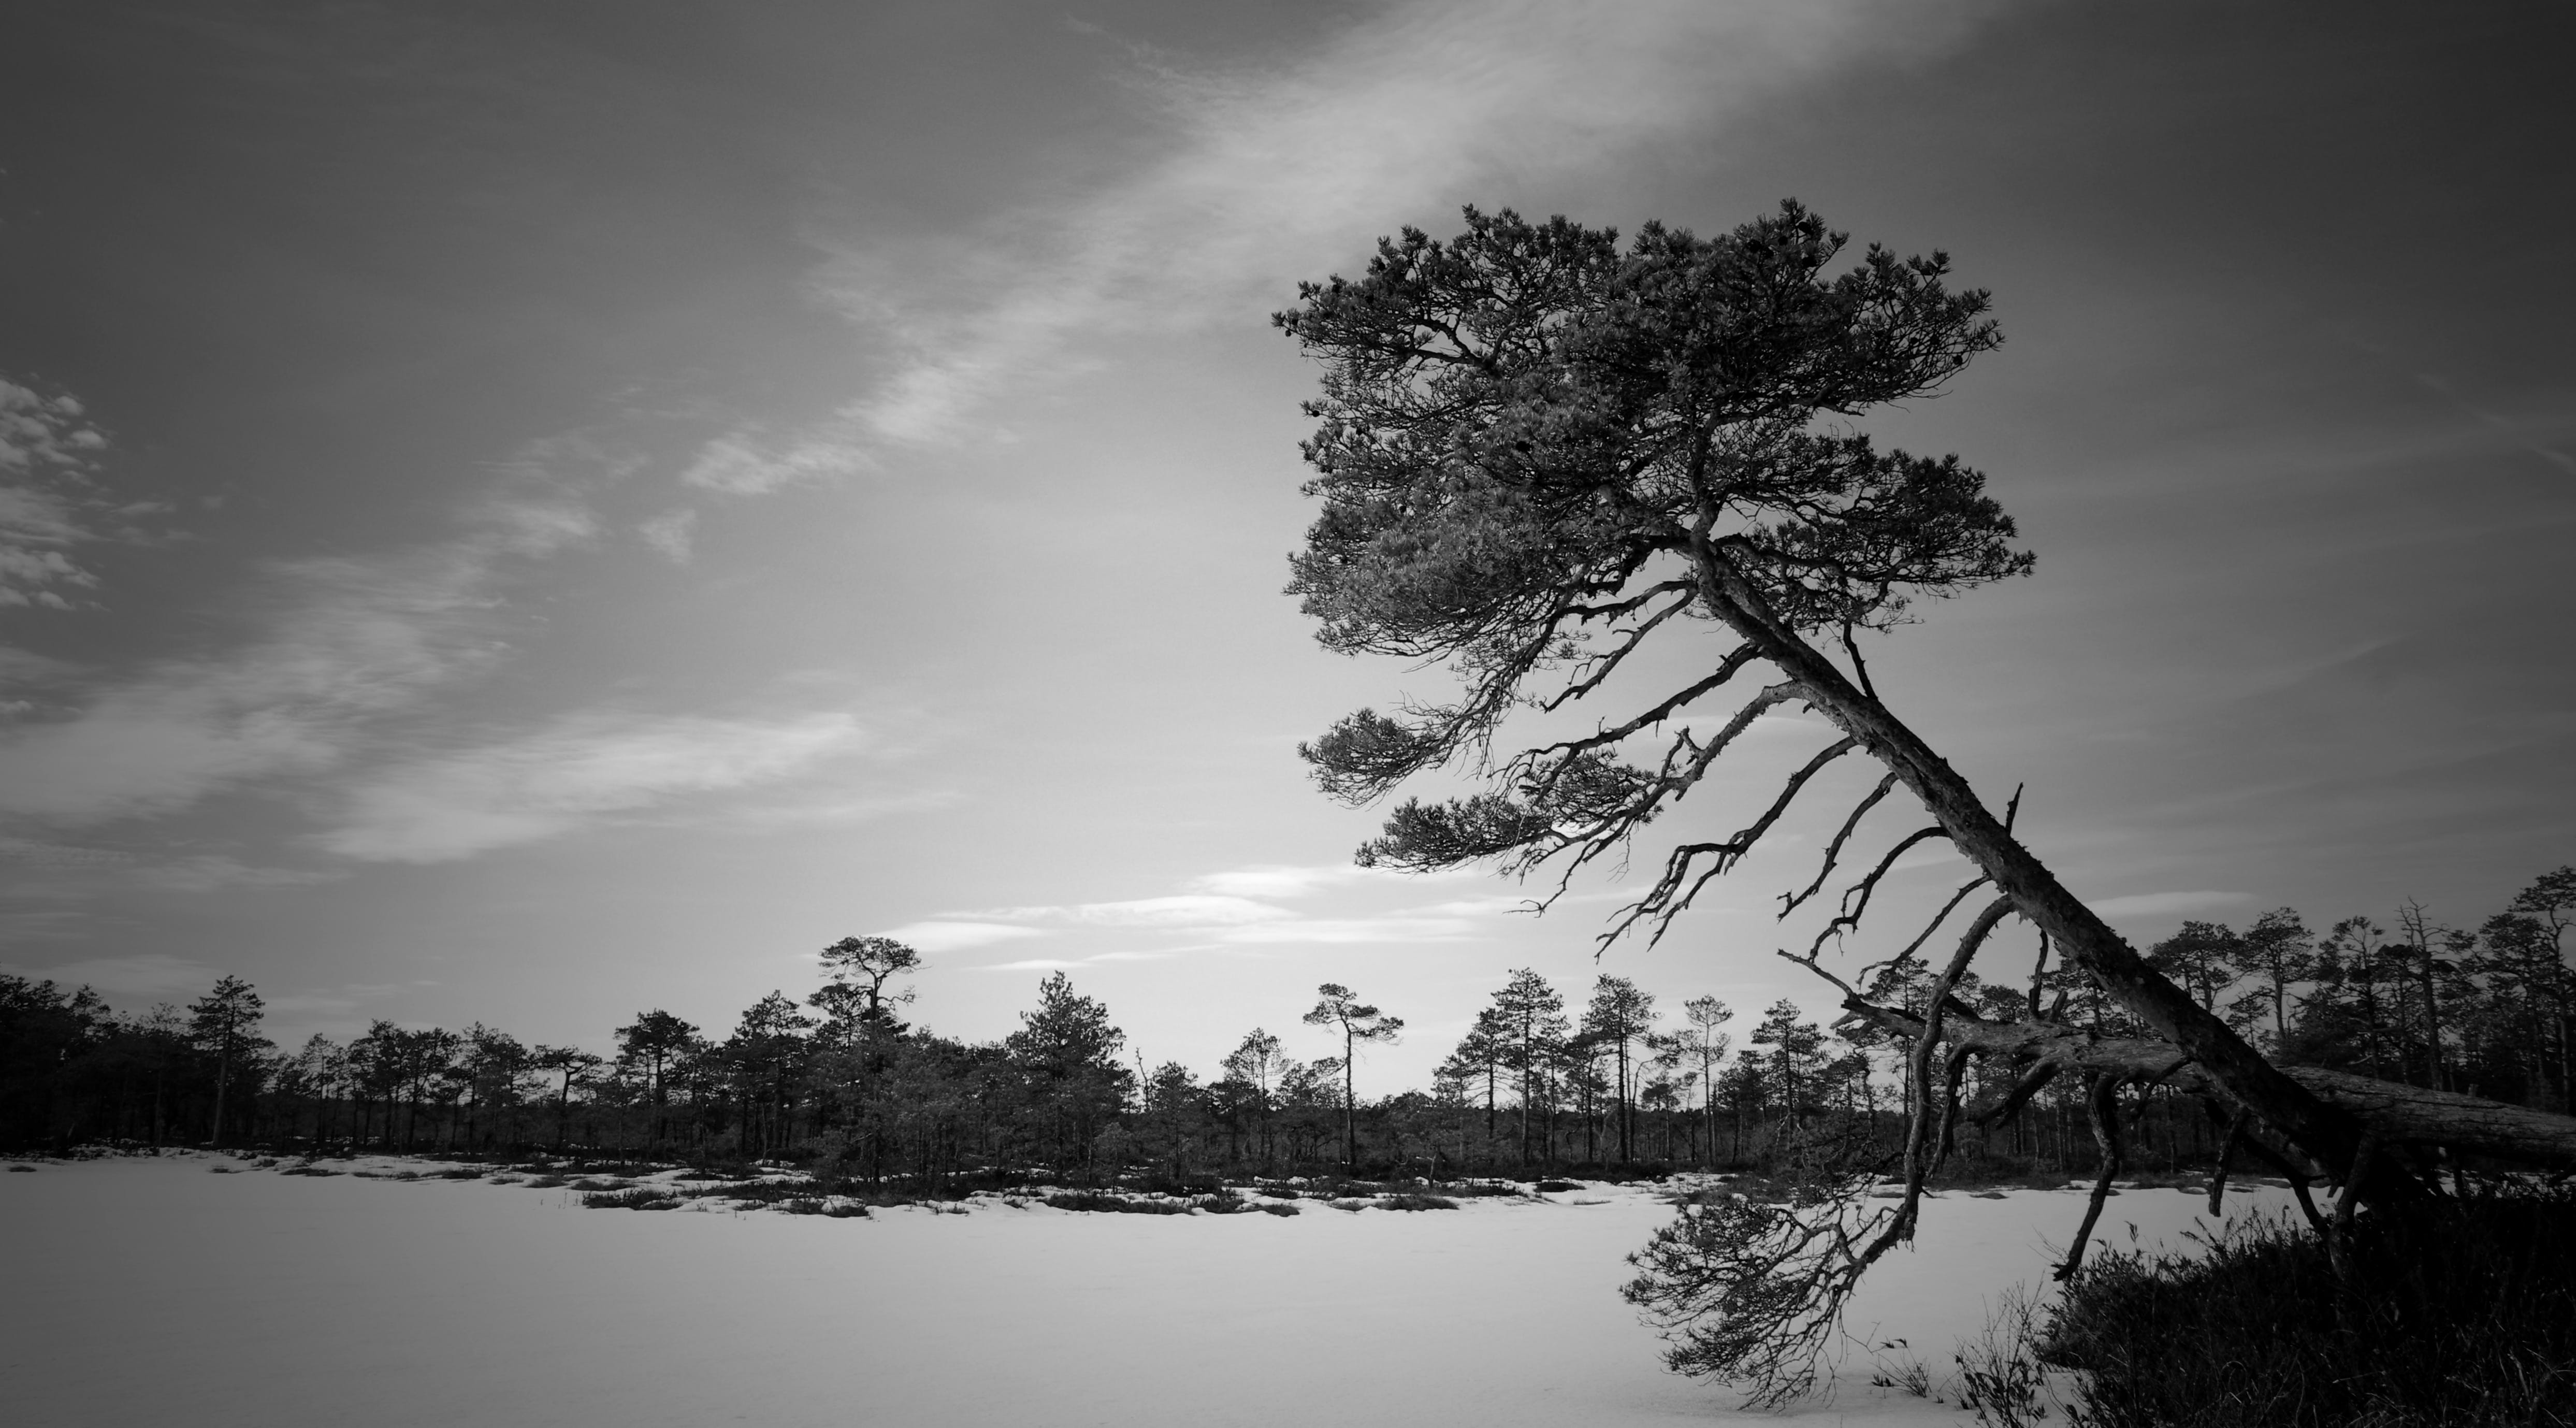 下雪的, 冬季, 單色, 天性 的 免费素材照片